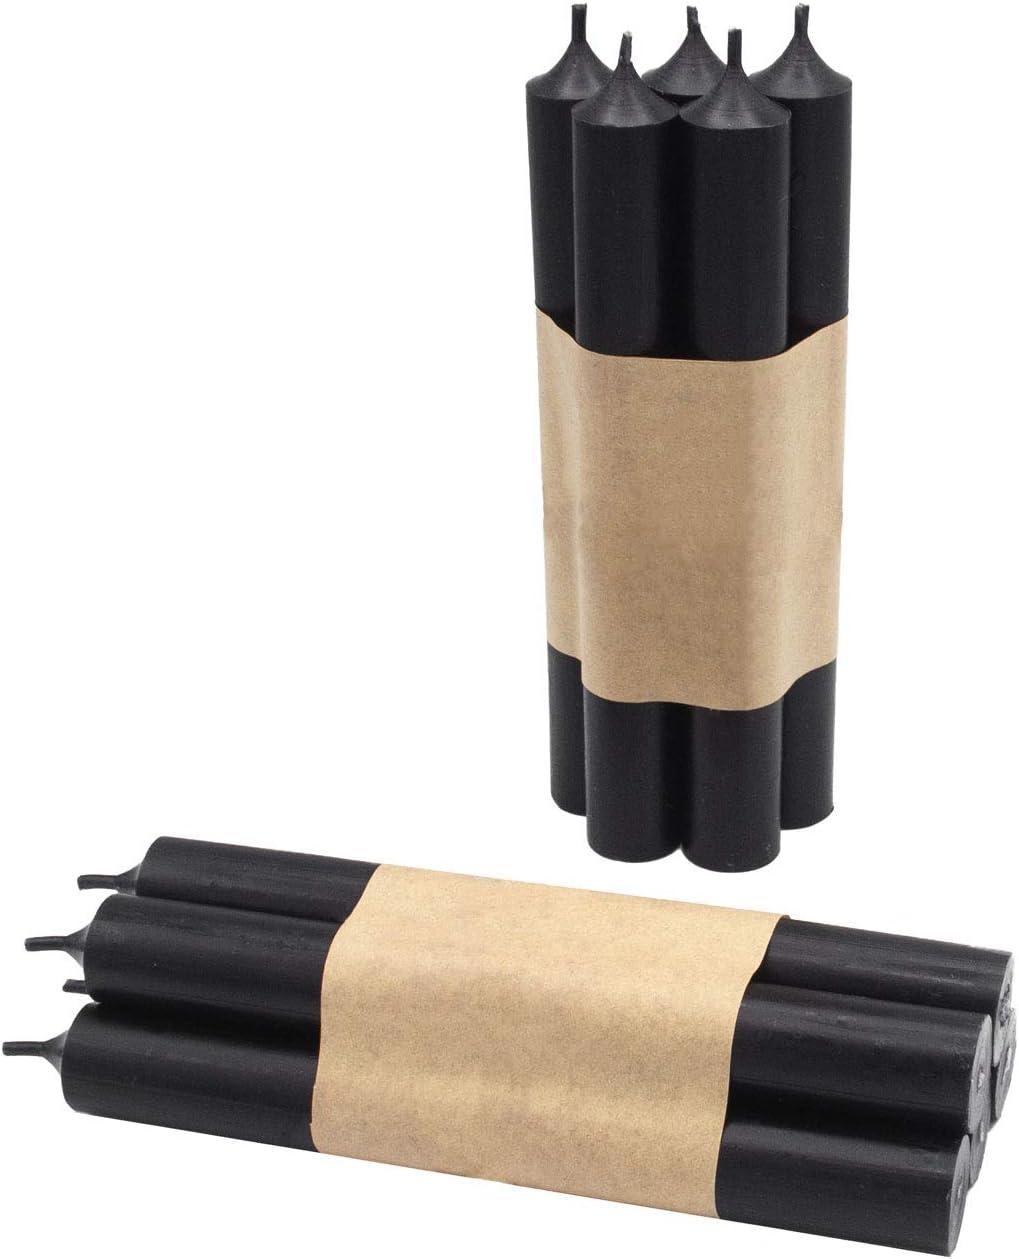 L18 cm Schwarze Stabkerzen Wandler by Infinity Boxes Kerzen-Set 10-TLG /Ø 2,2 cm ca